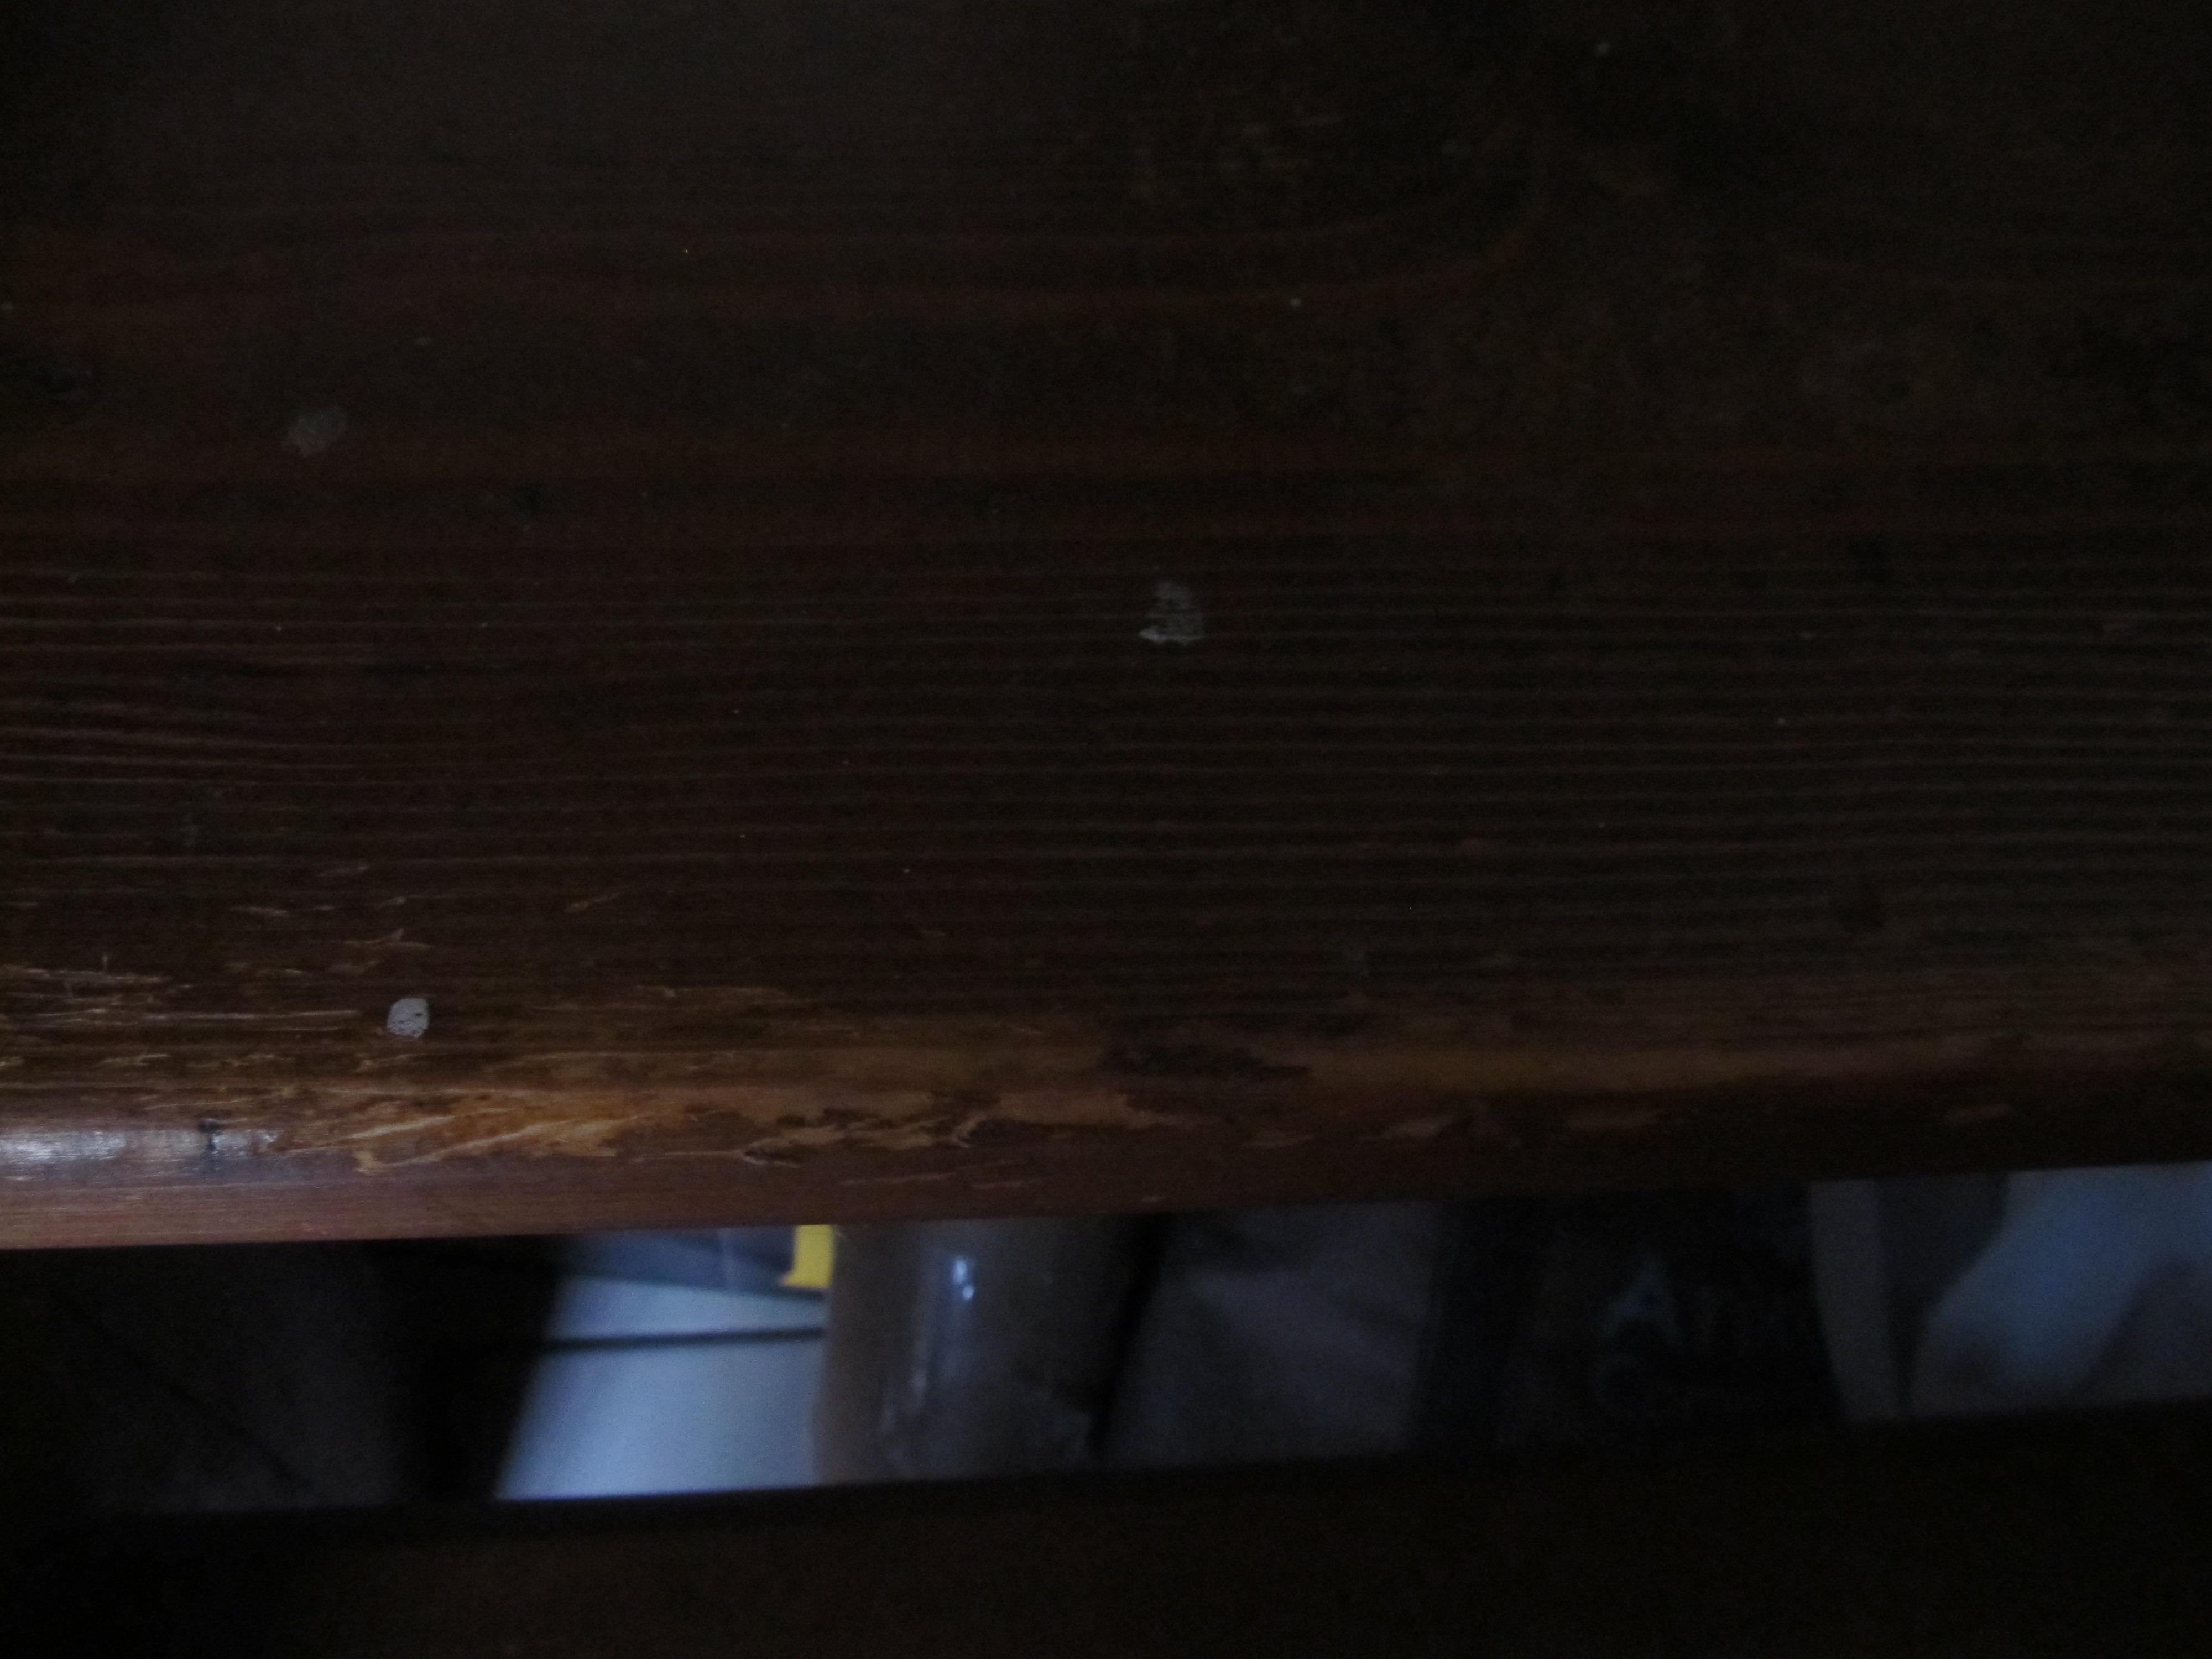 Enlever Brou De Noix Mains effacer des traces de méfaits félins sur les marches d'un